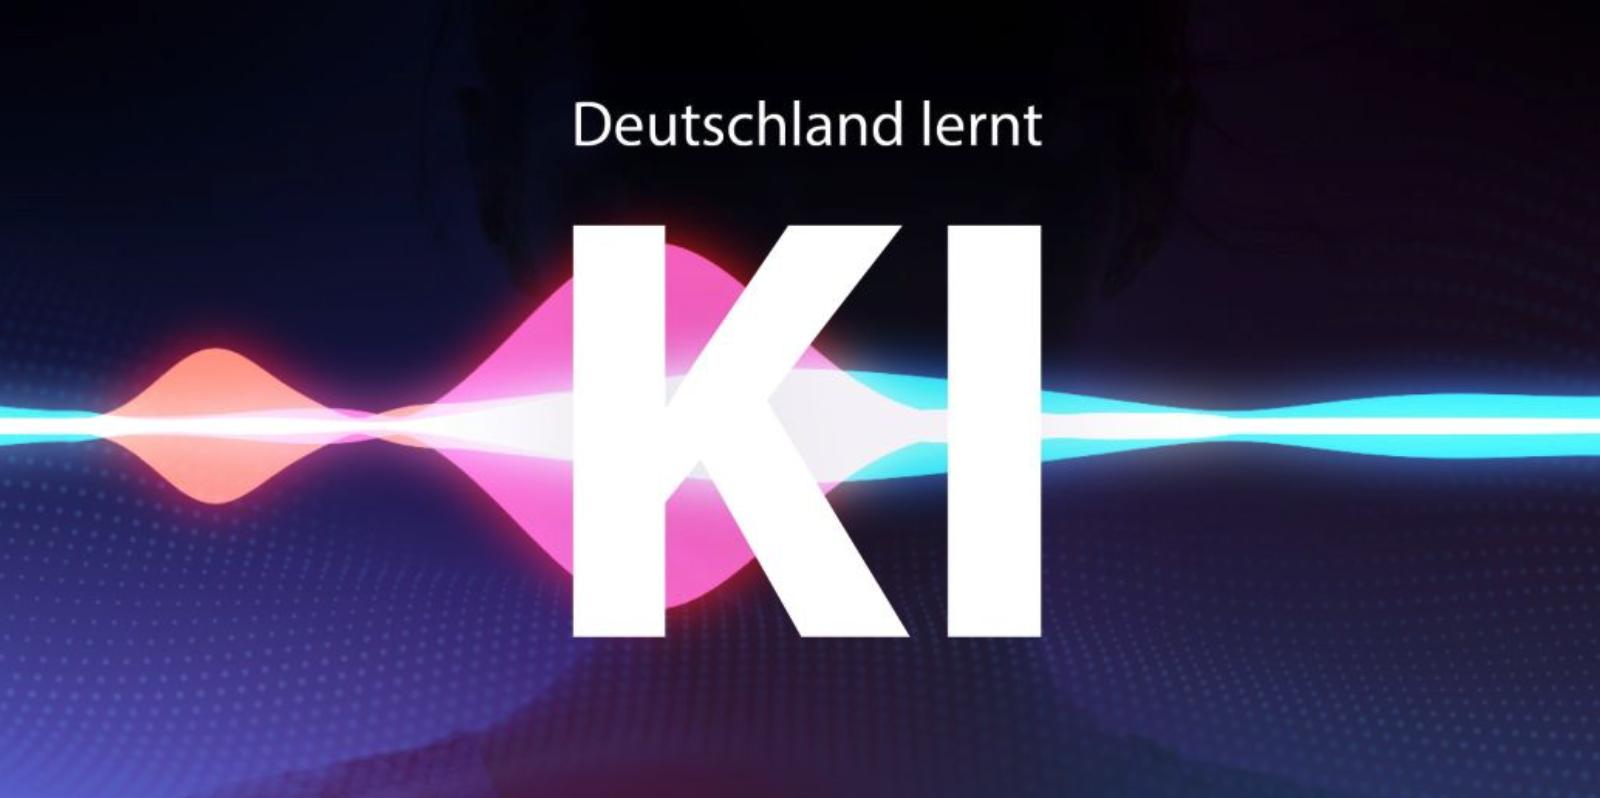 Automobilbranche überdurchschnittlich offen für digitale Themen und Neuerungen - intellicar.de